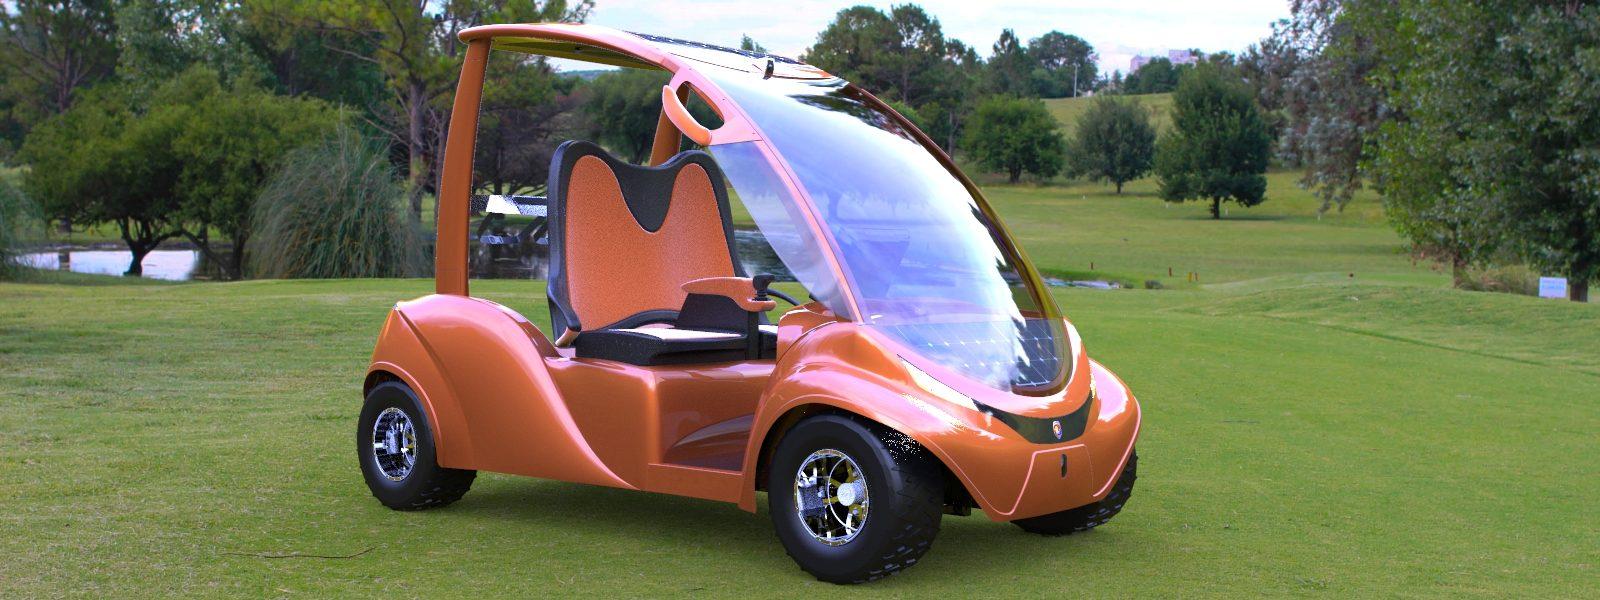 Baro One Golf Car